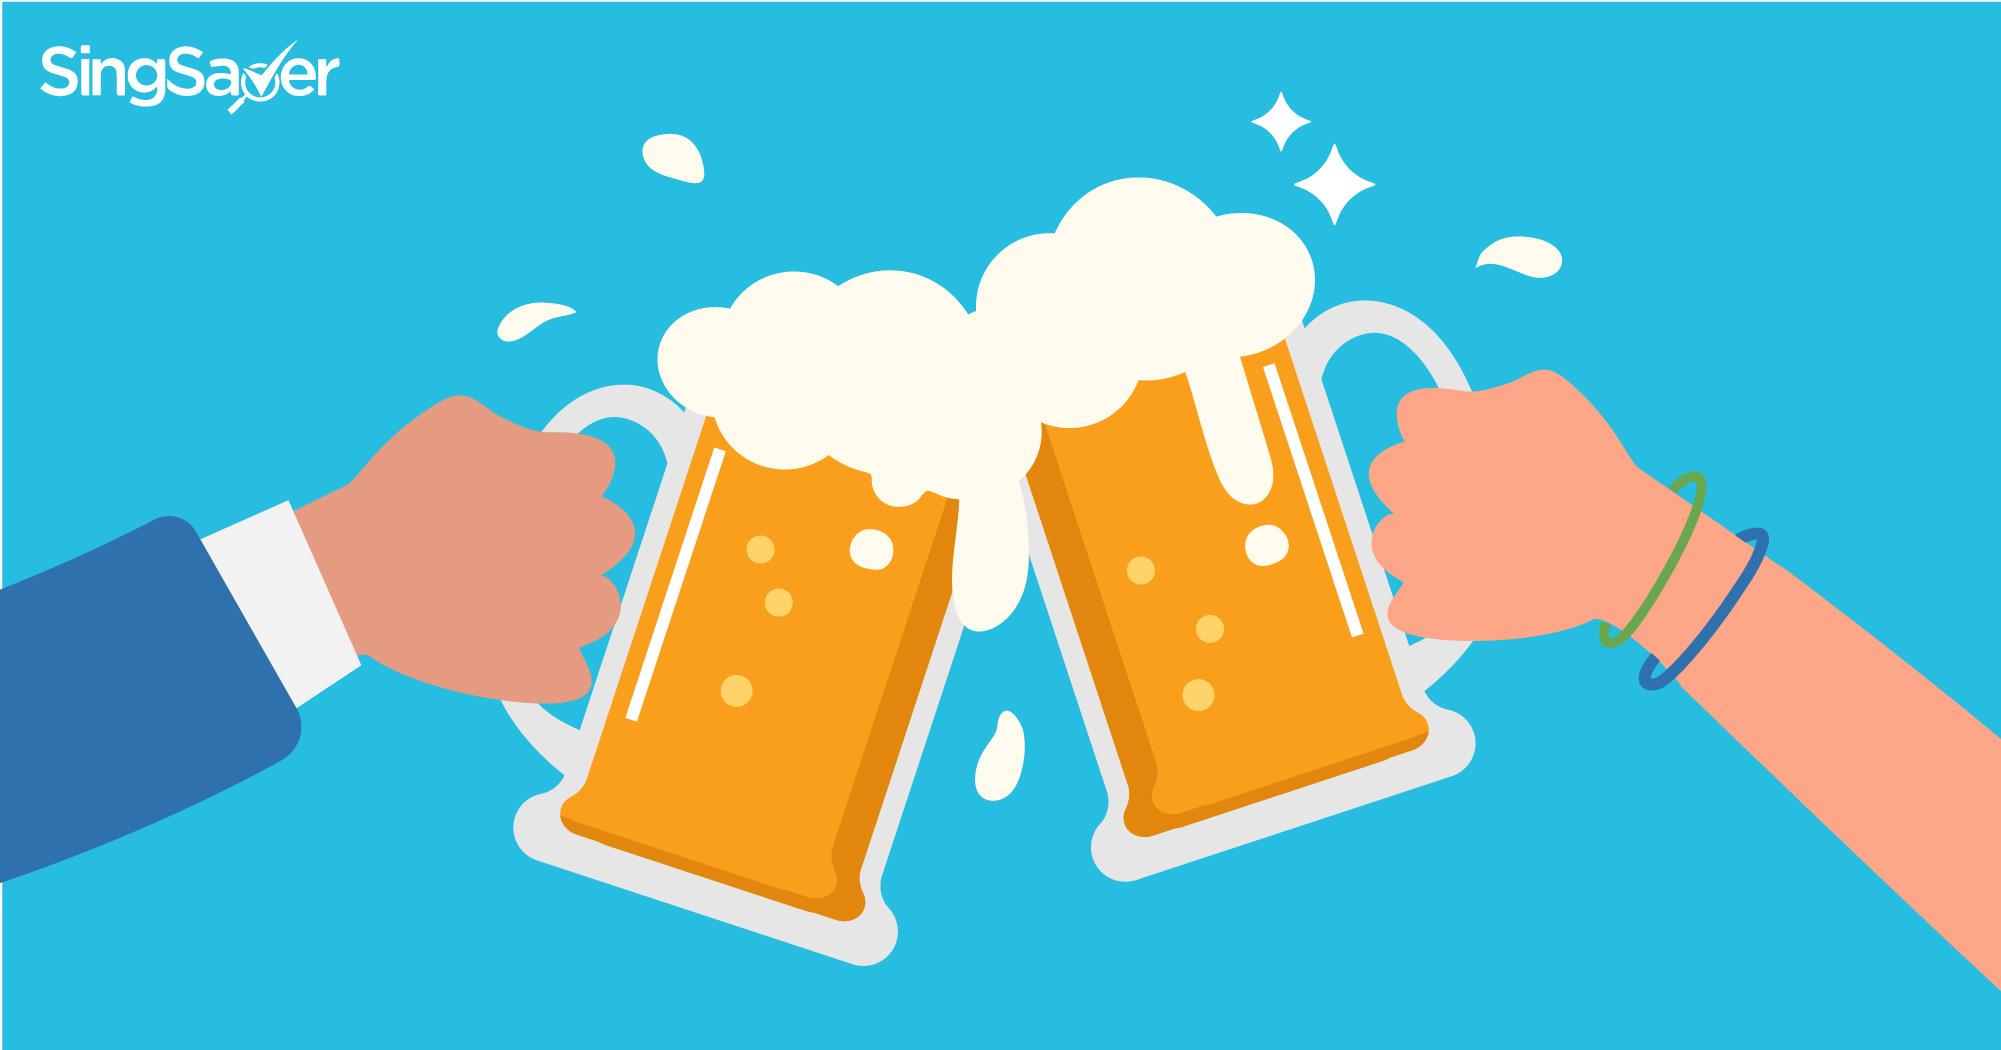 friends cheers beer - SingSaver